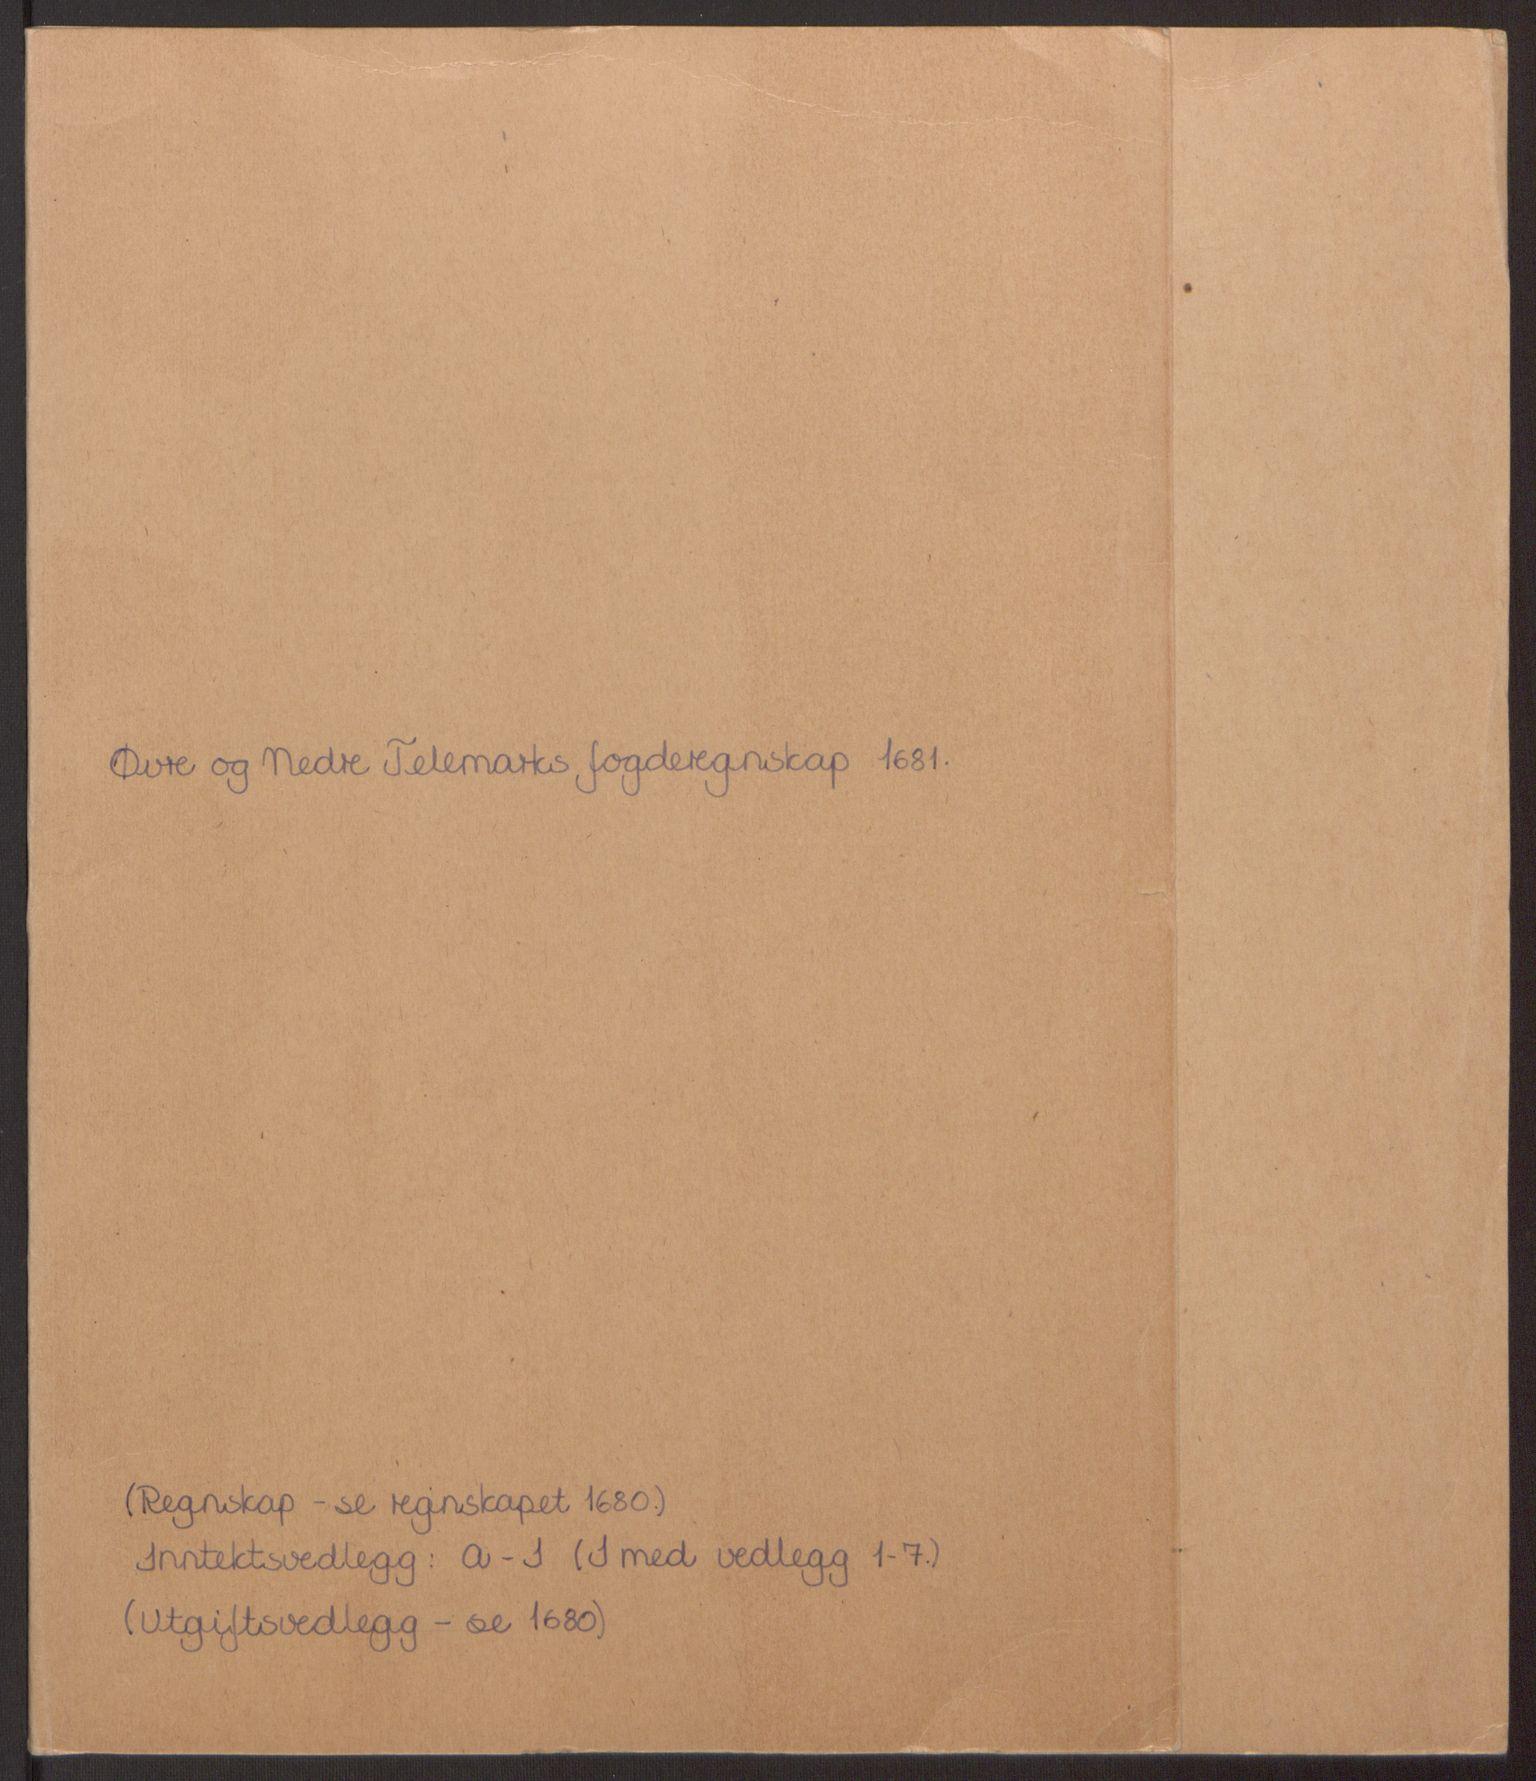 RA, Rentekammeret inntil 1814, Reviderte regnskaper, Fogderegnskap, R35/L2077: Fogderegnskap Øvre og Nedre Telemark, 1680-1684, s. 2